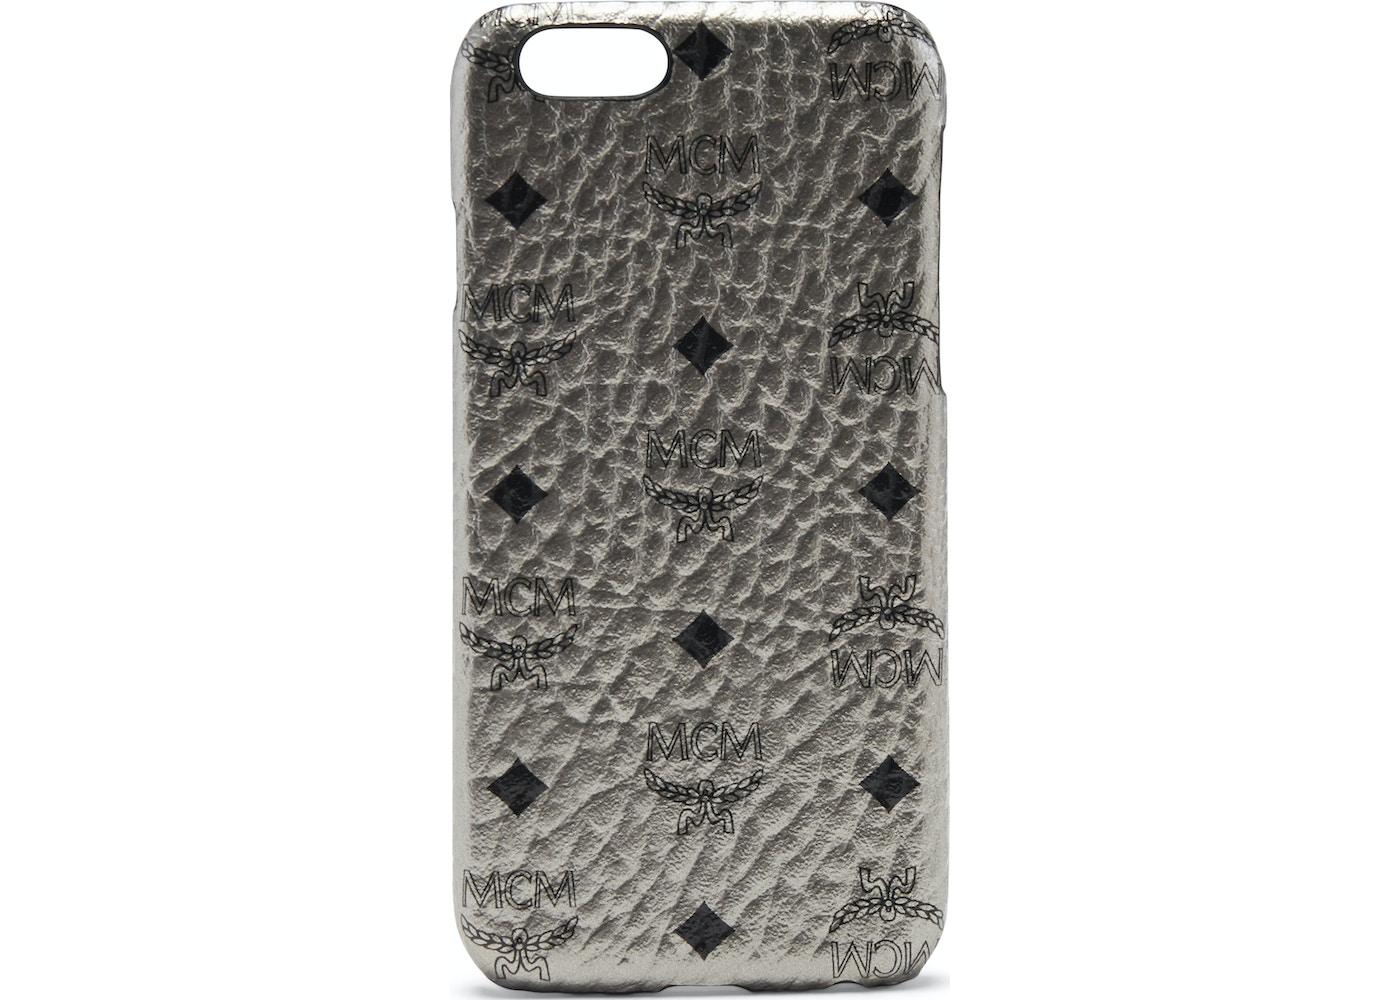 reputable site 1fb6d 722b2 MCM iPhone Case Visetos 6S/7/8 Plus Metallic Silver